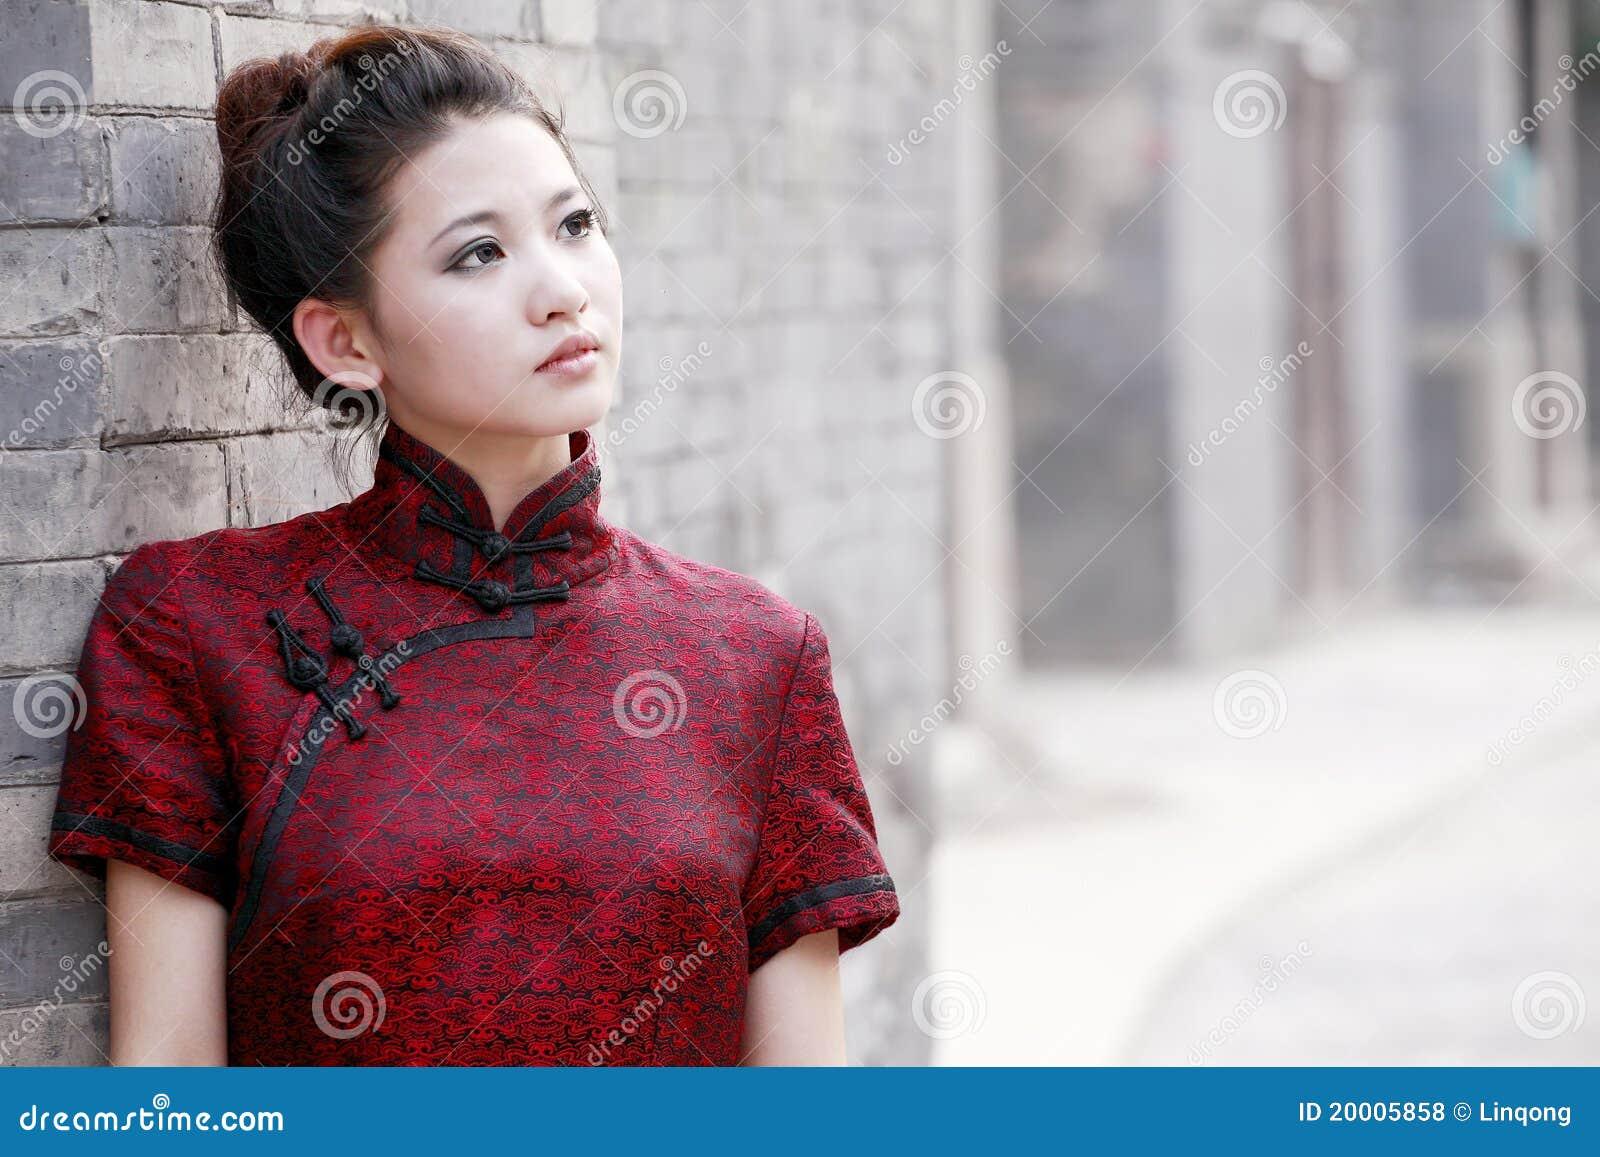 Chinesische Frau in der Gasse.